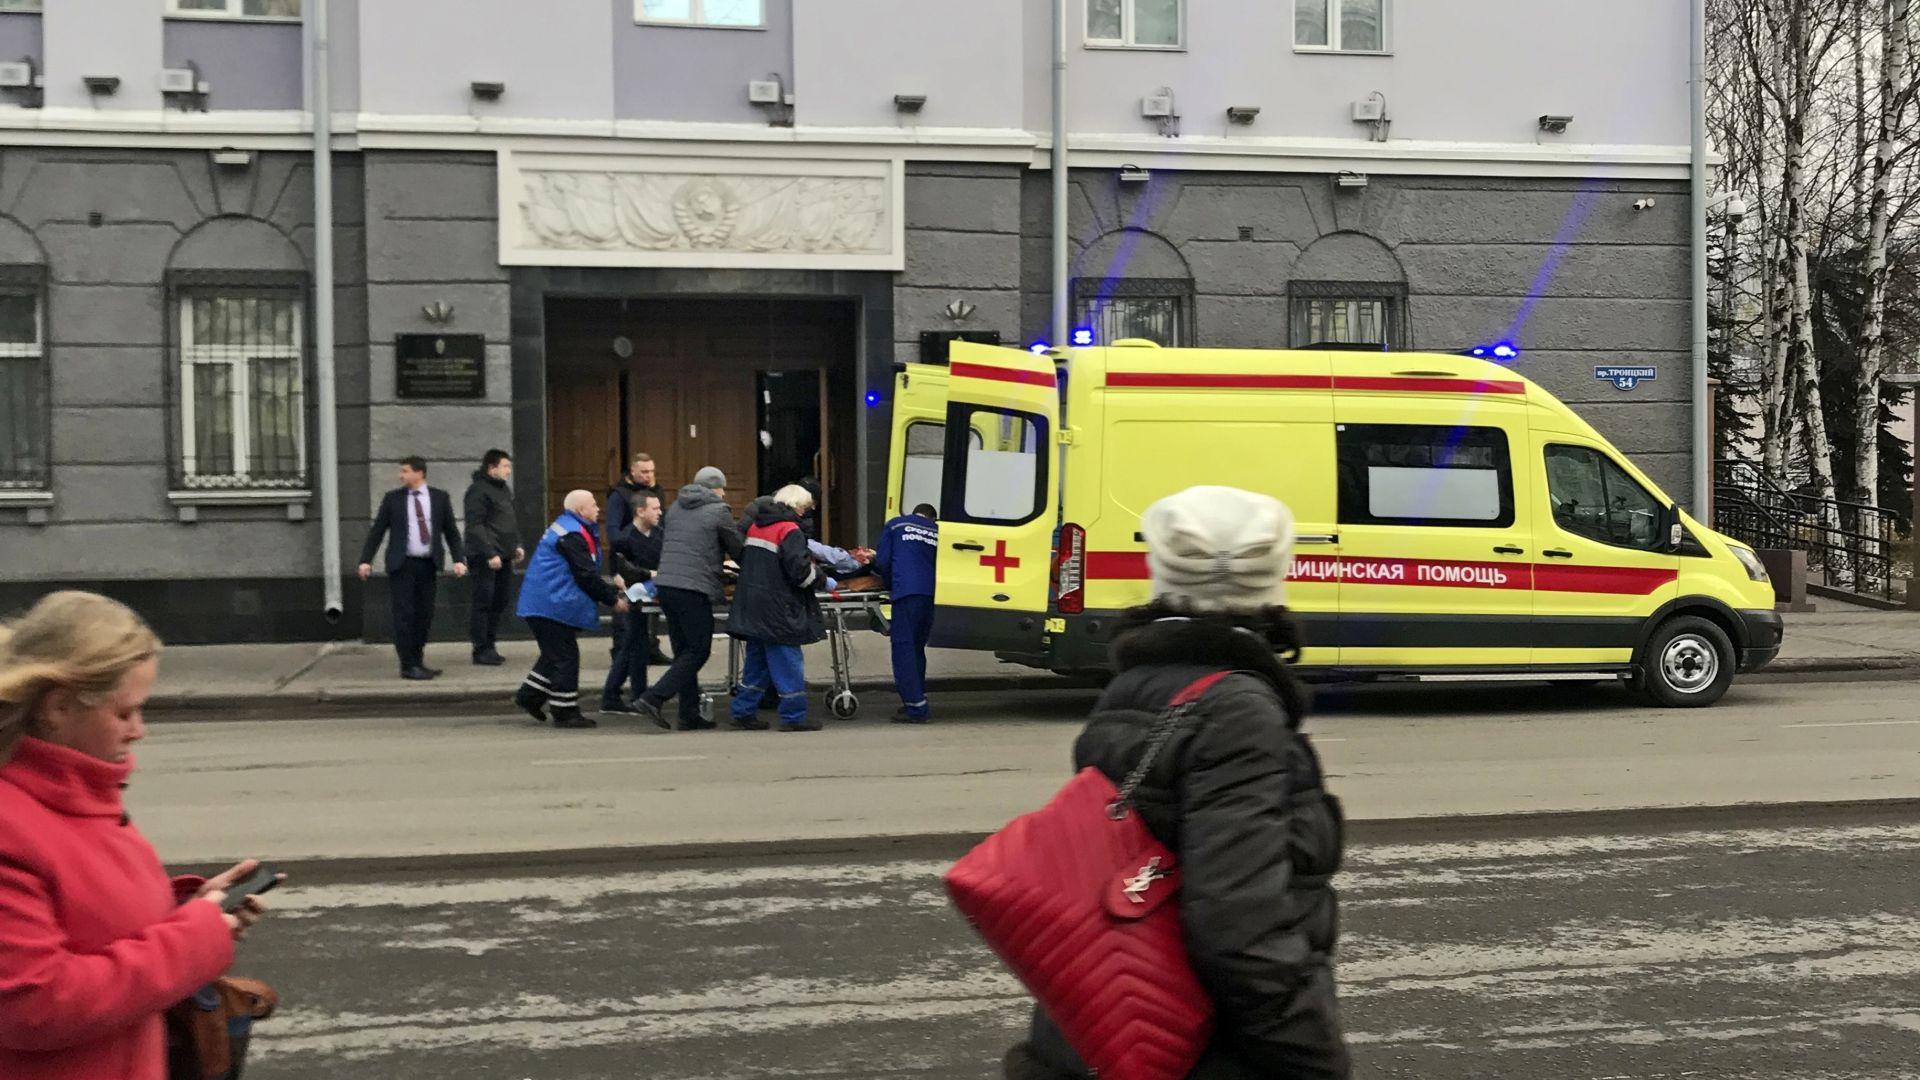 17-годишен се взриви в сграда на Федерална служба за сигурност в Архангелск (видео)